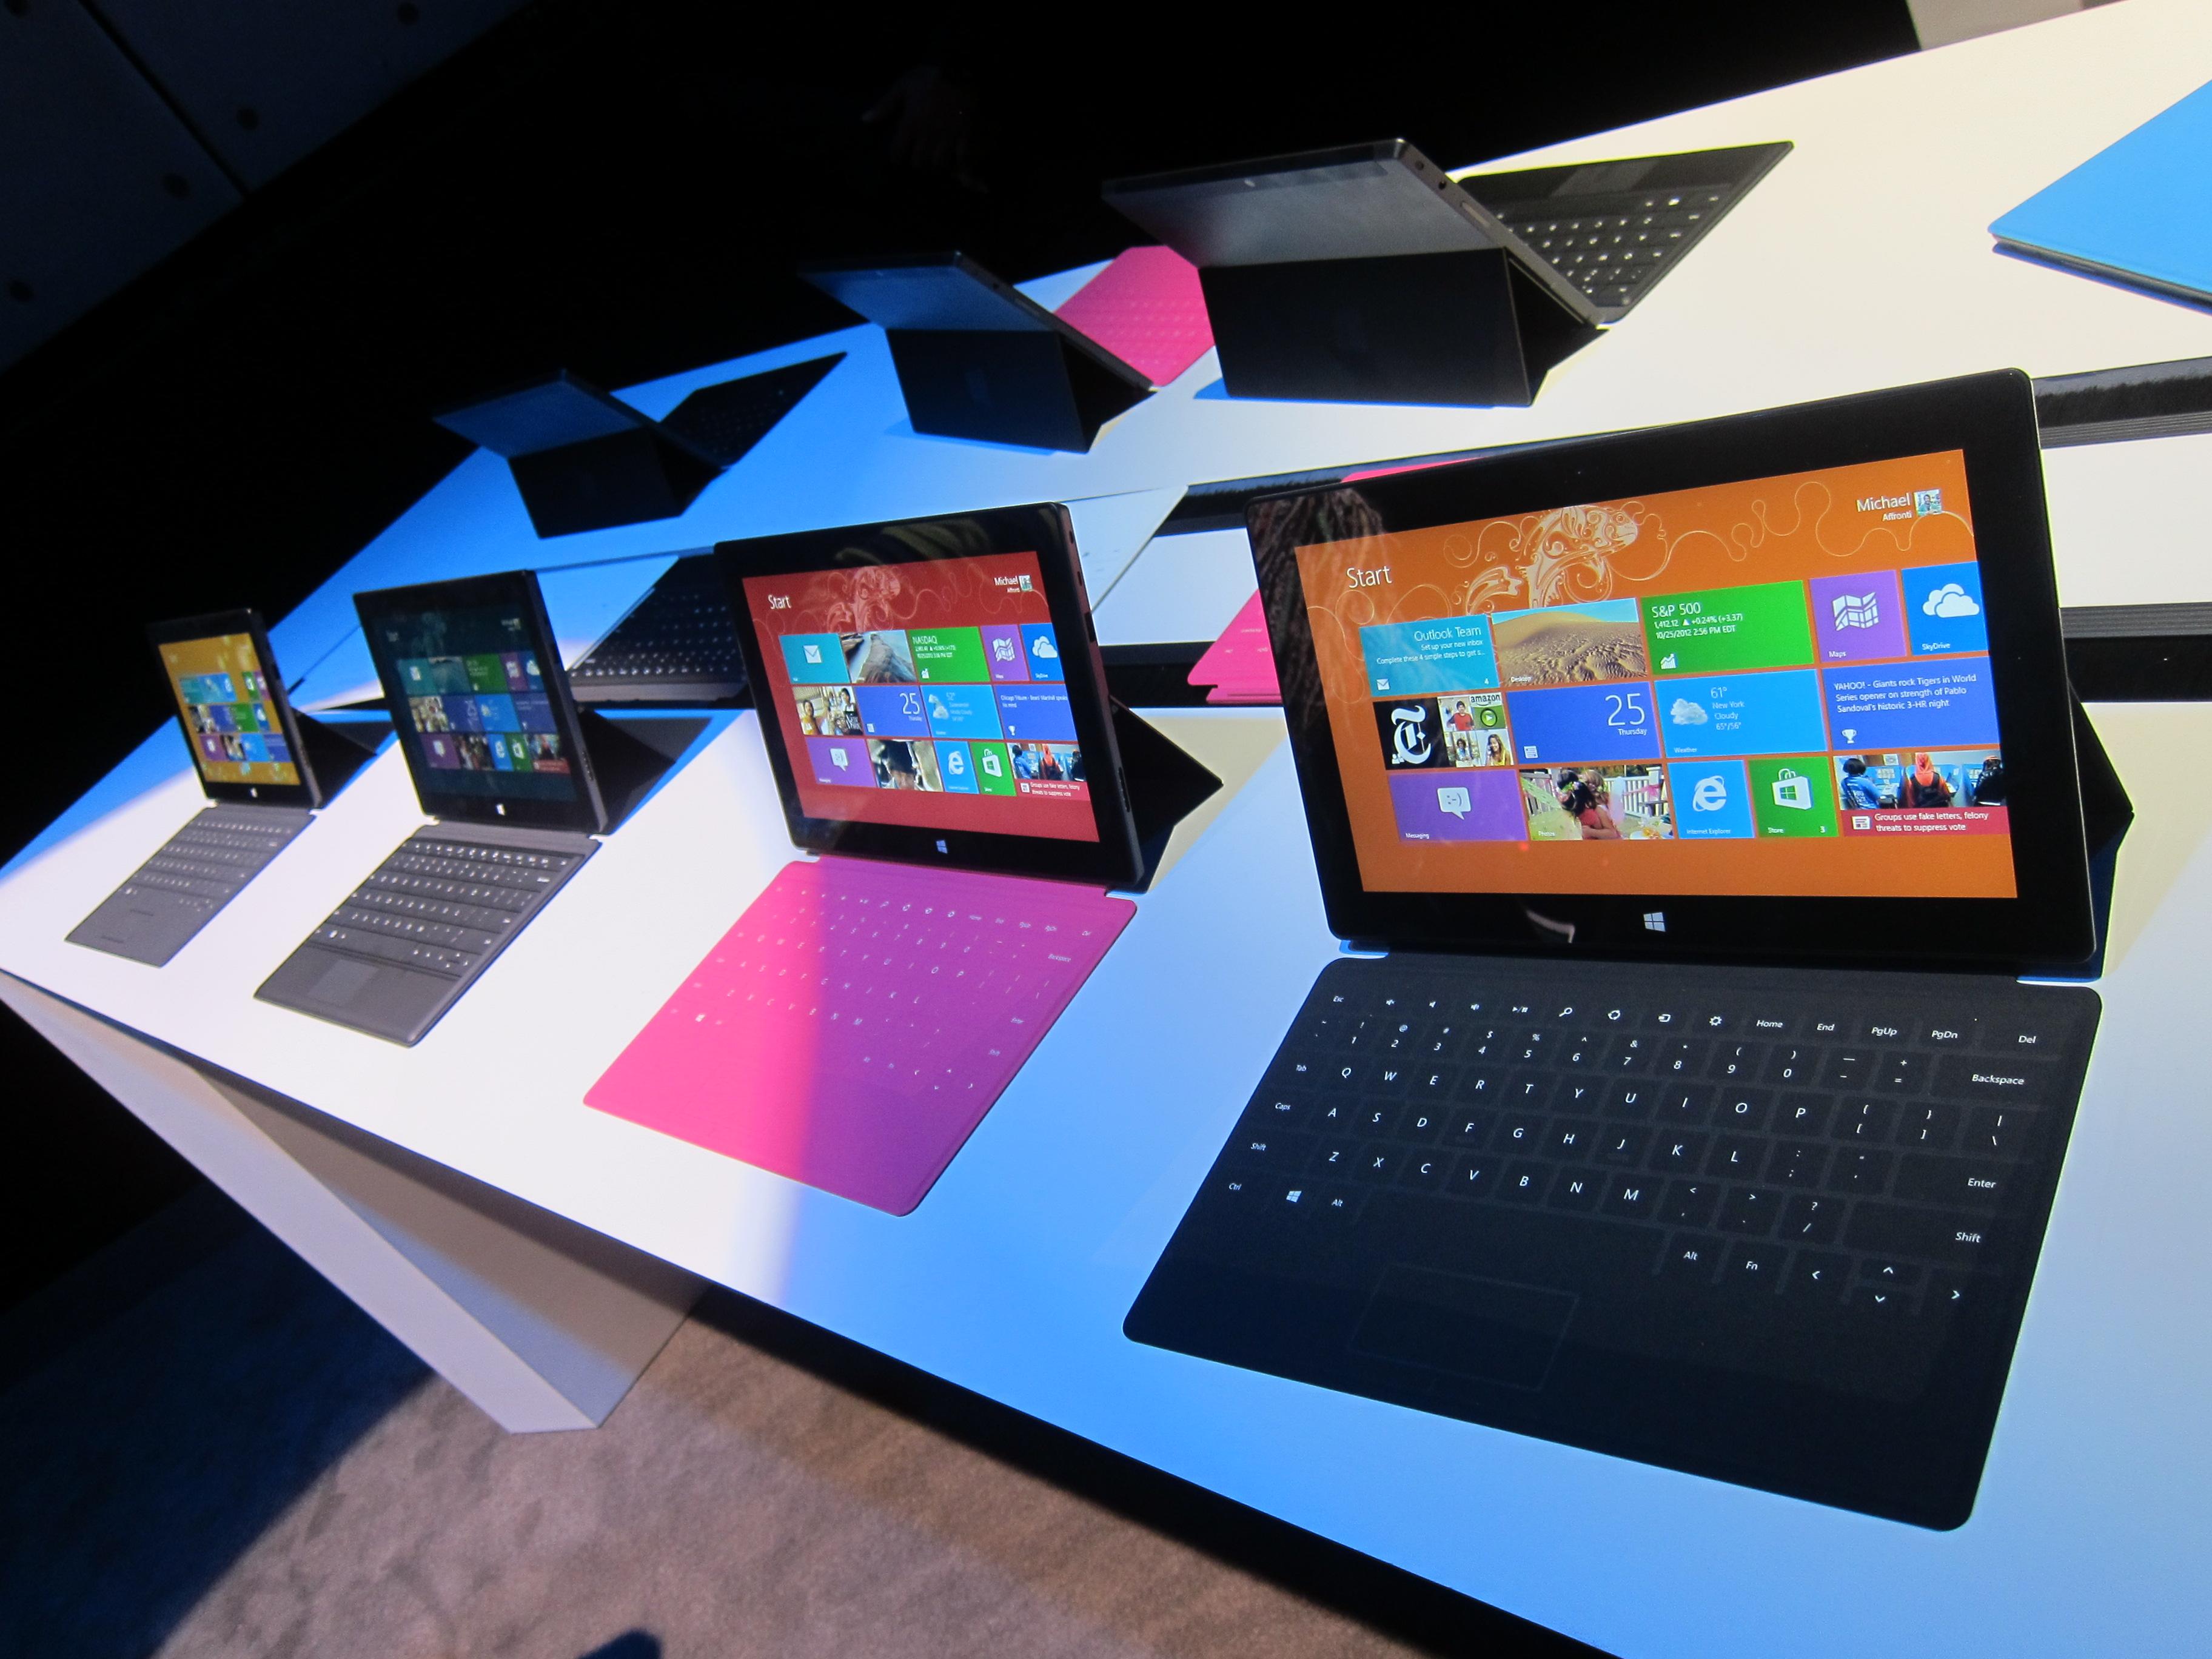 Surface rt el tablet de microsoft hobbyconsolas juegos - Surface vitree rt 2012 ...